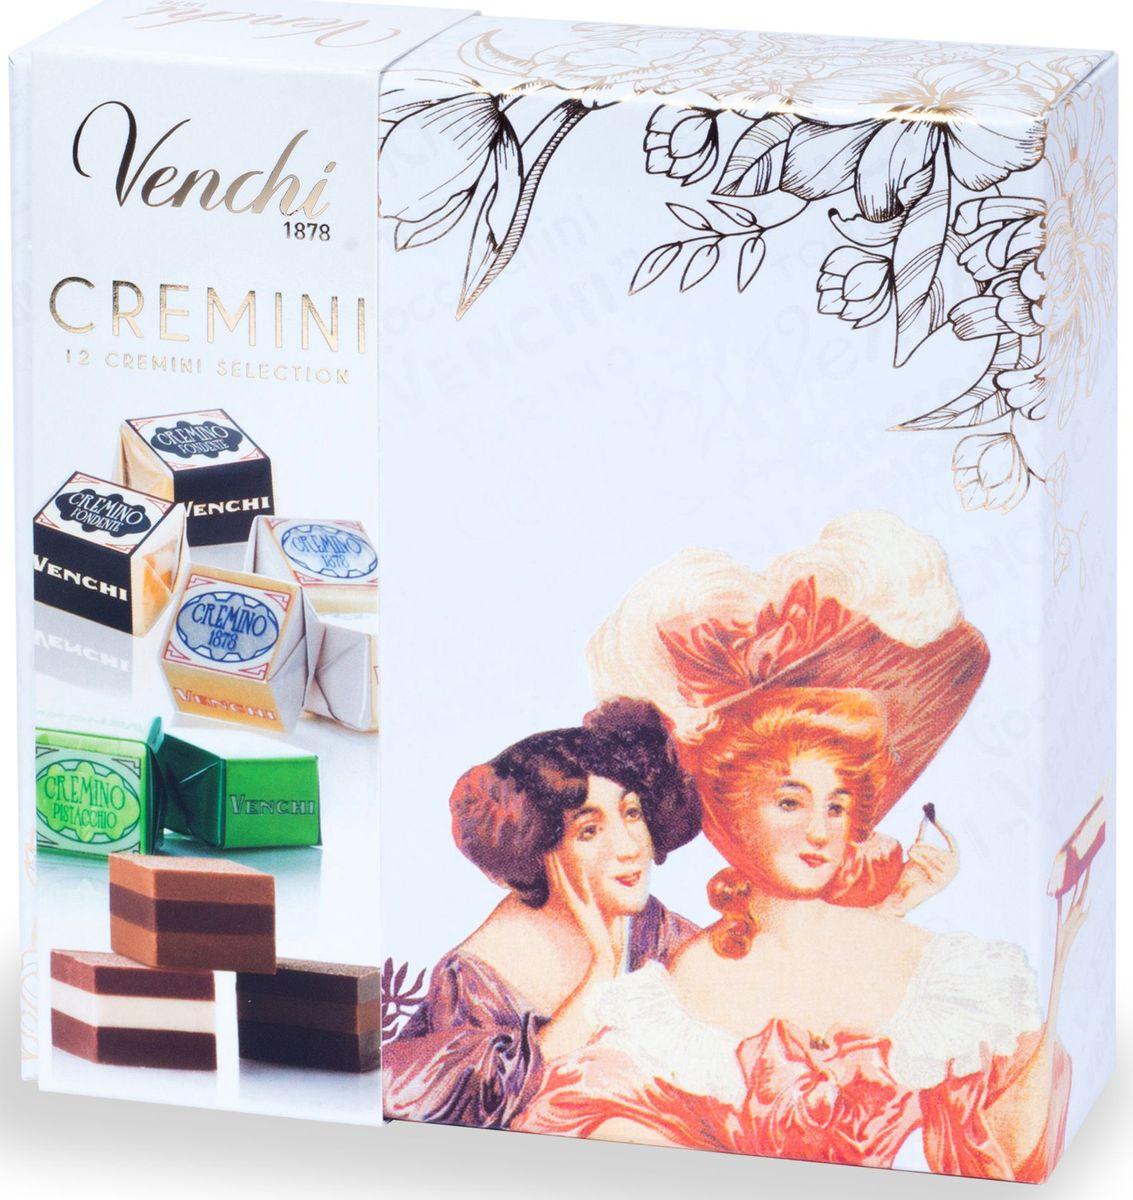 Venchi Cremino набор шоколадных конфет, 130 г шоколадные годы конфеты ассорти 190 г